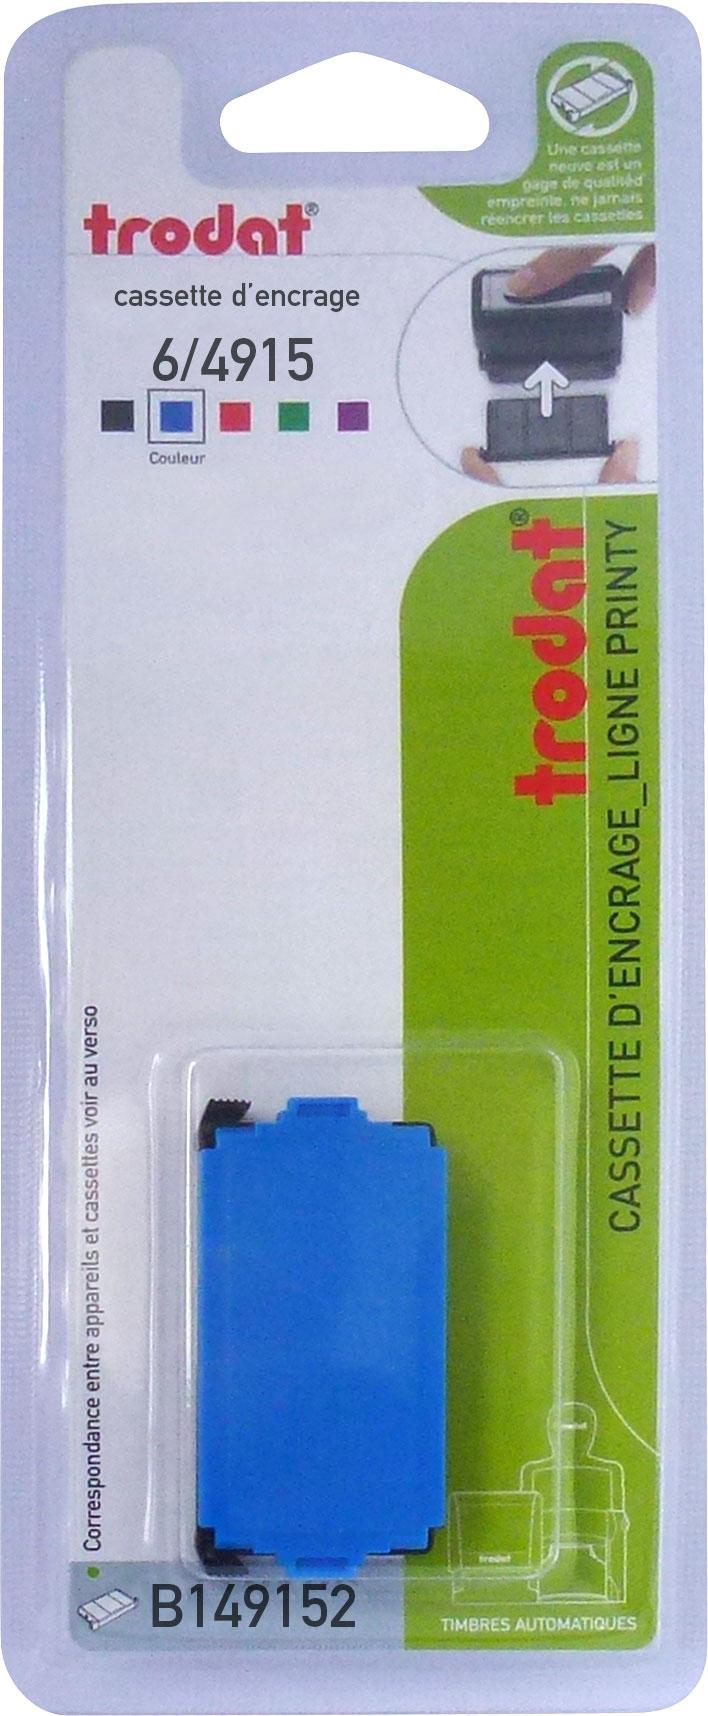 Trodat - Encrier 6/4915 recharge pour tampon Printy 4915 - bleu